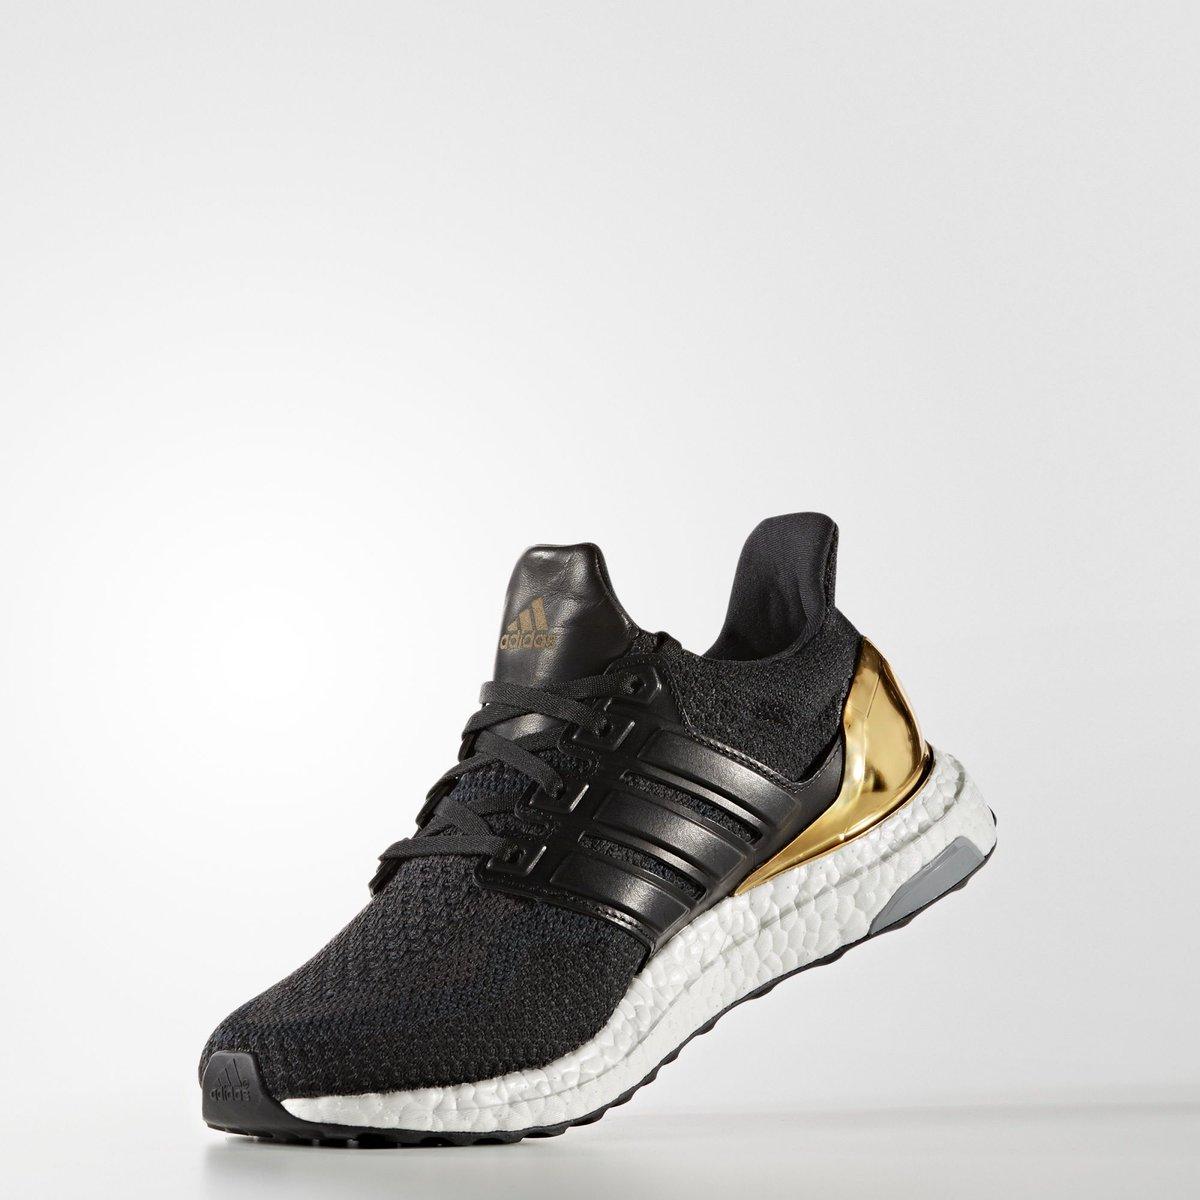 Adidas Ultra Boost Gold Heel